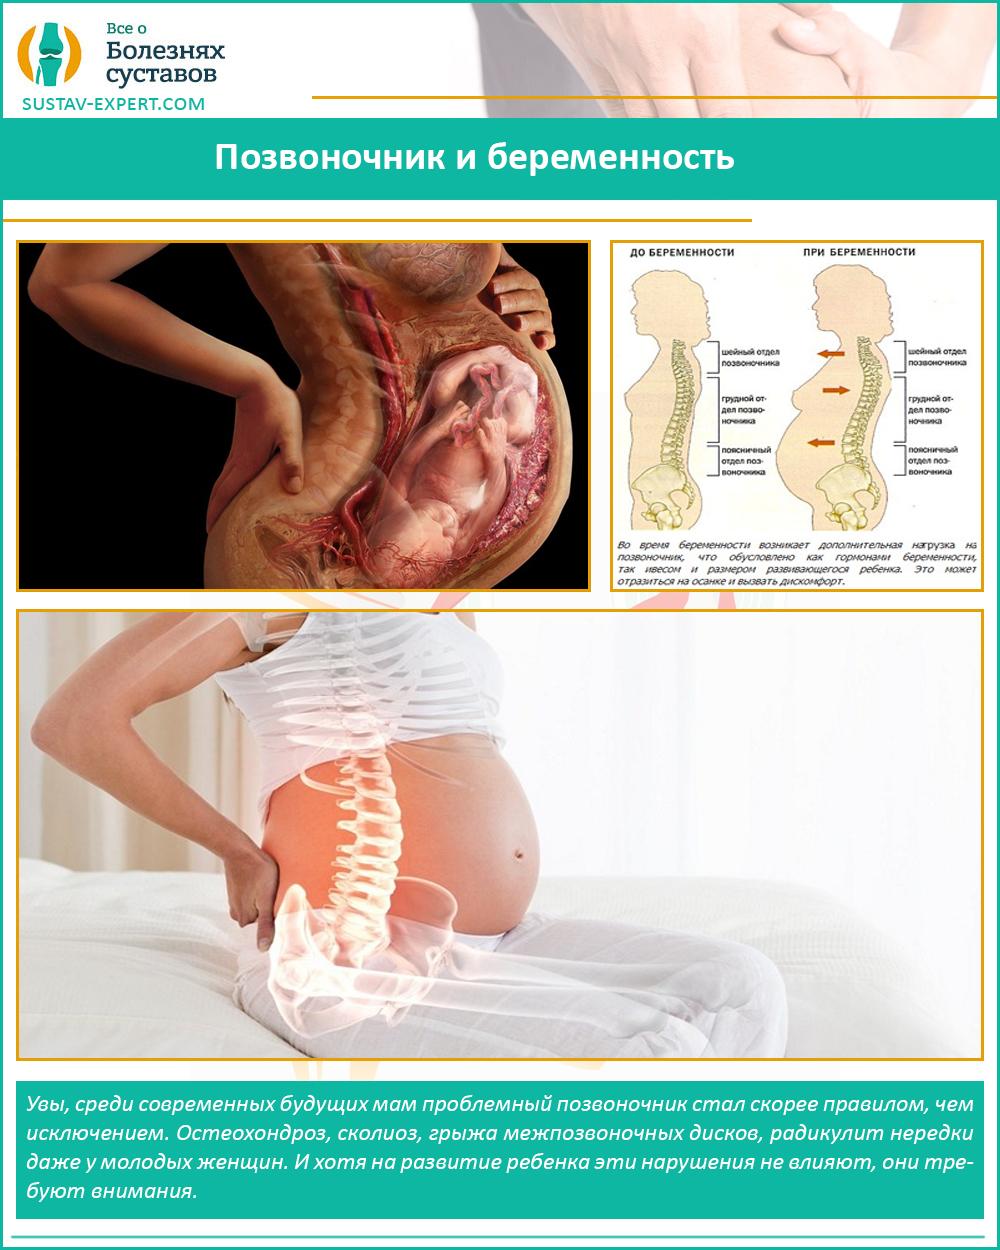 Позвоночник и беременность